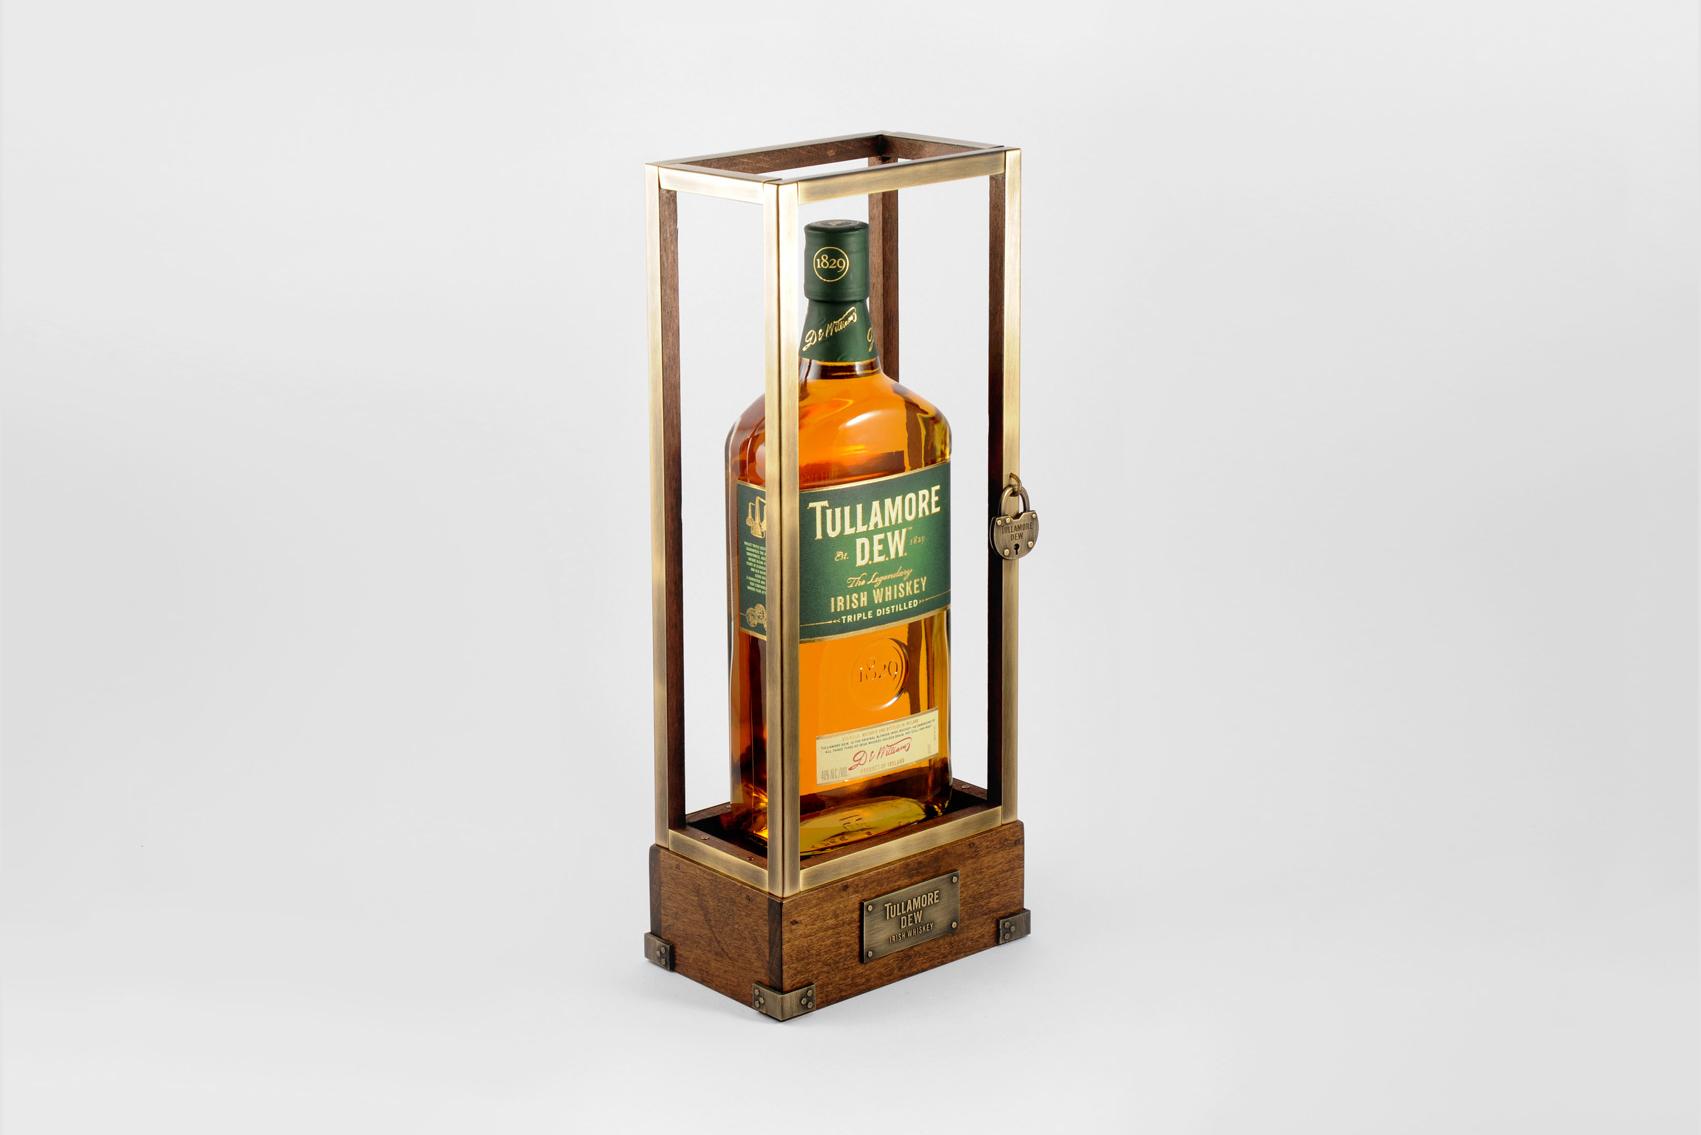 bottle_glorifiers_TullamoreDEW.jpg